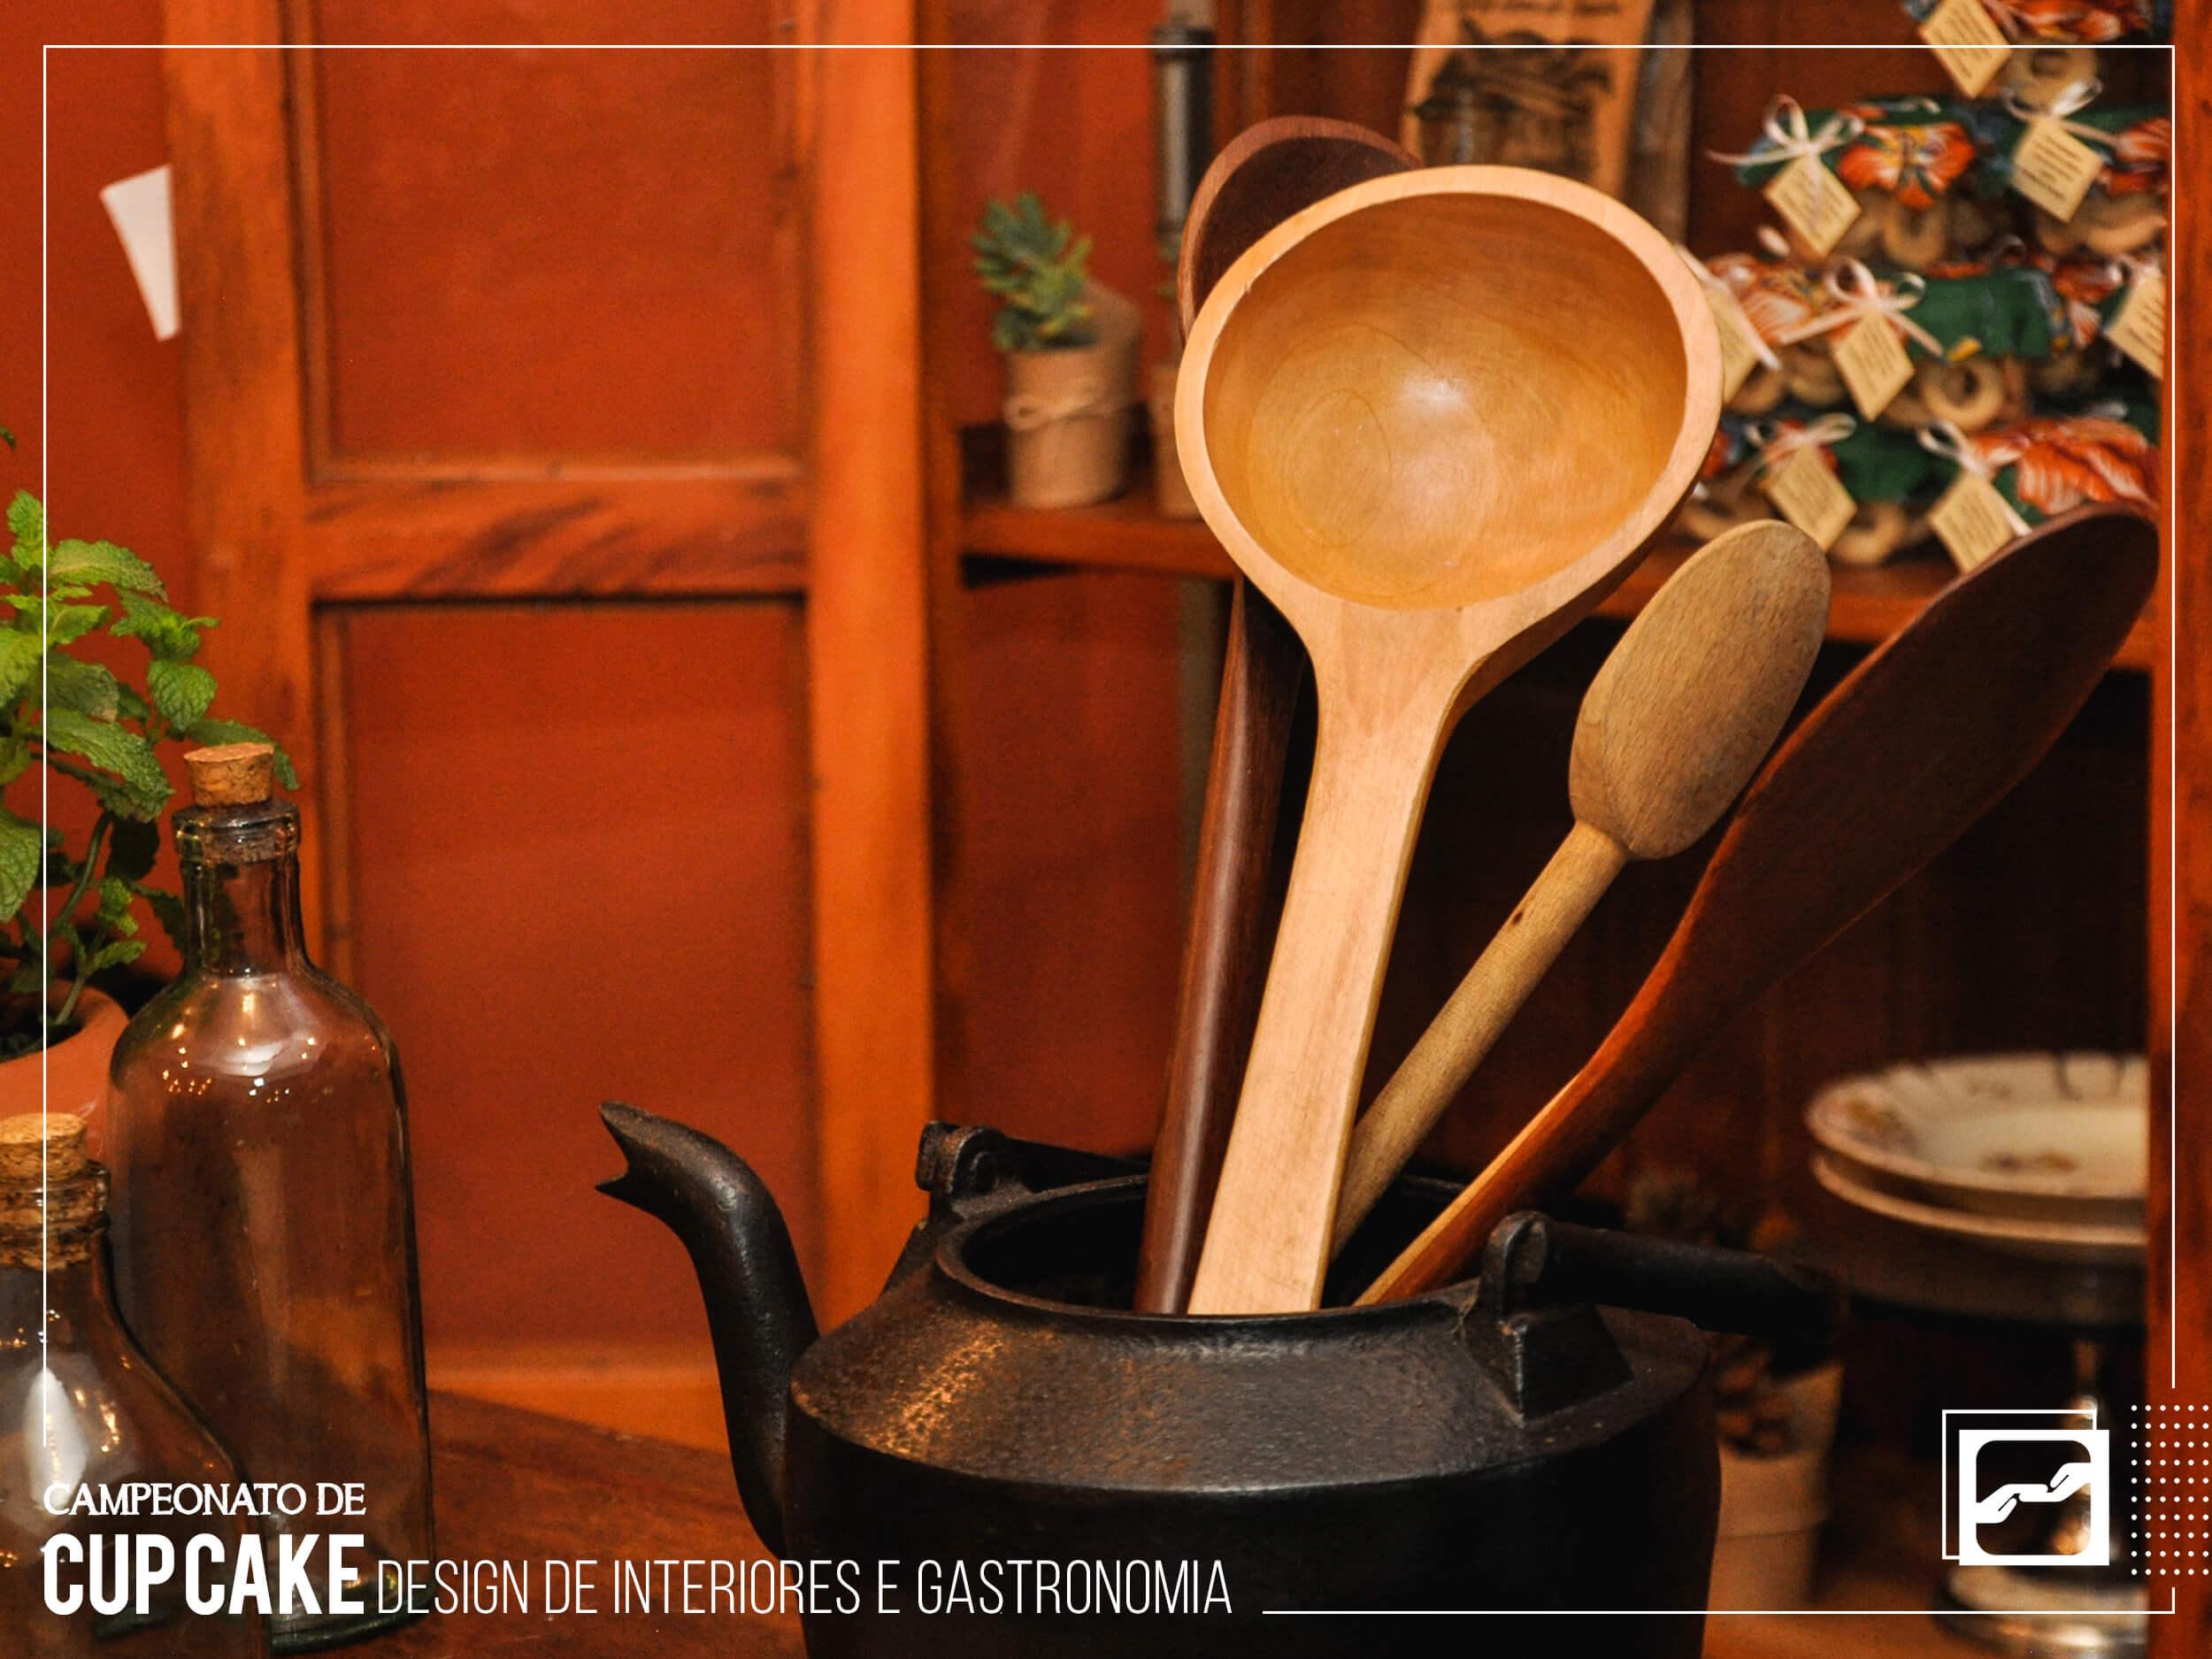 concurso-de-cupcake-design-de-interiores-gastronomia-famesp